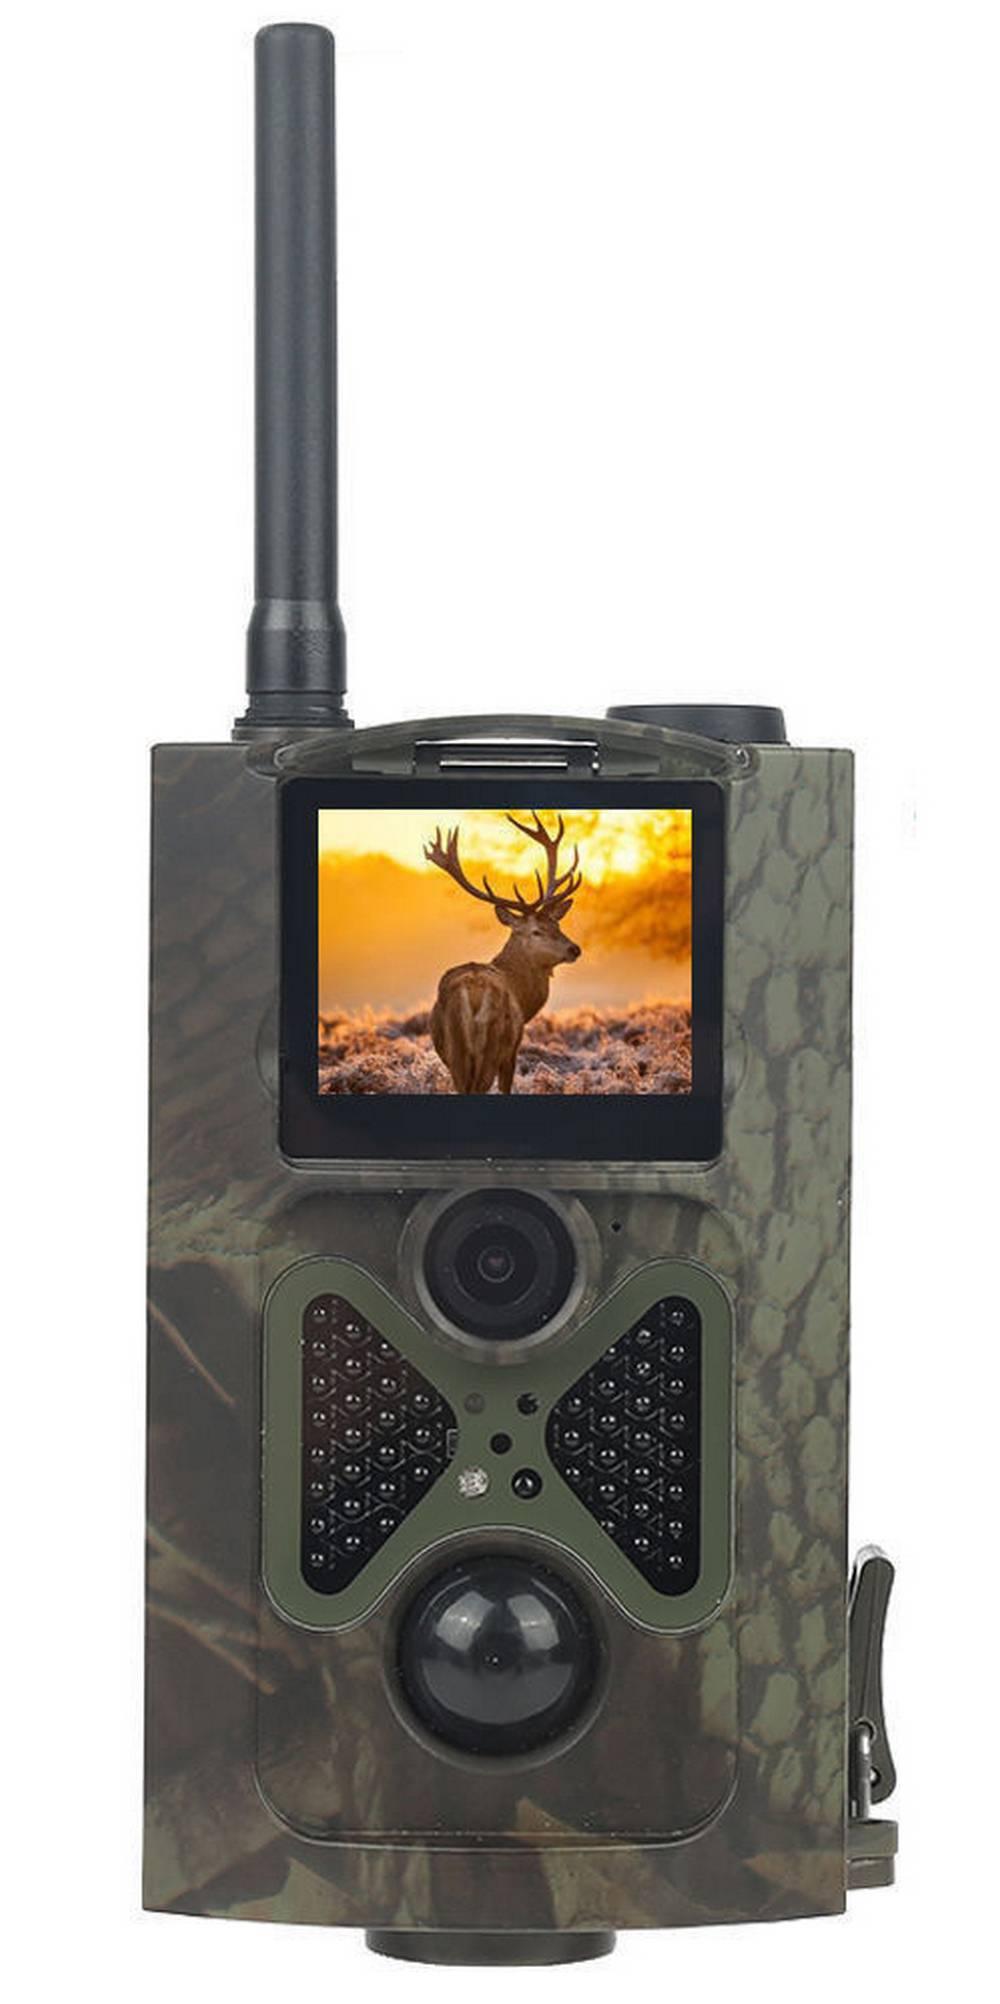 Καταγραφική Κάμερα Εξωτερικού Χώρου HC-550M 1080p FullHD, Ανιχνευτή Κινήσεων, Νυχτερινή Λειτουργία, Καταγραφή Φωτό & Βίντεο